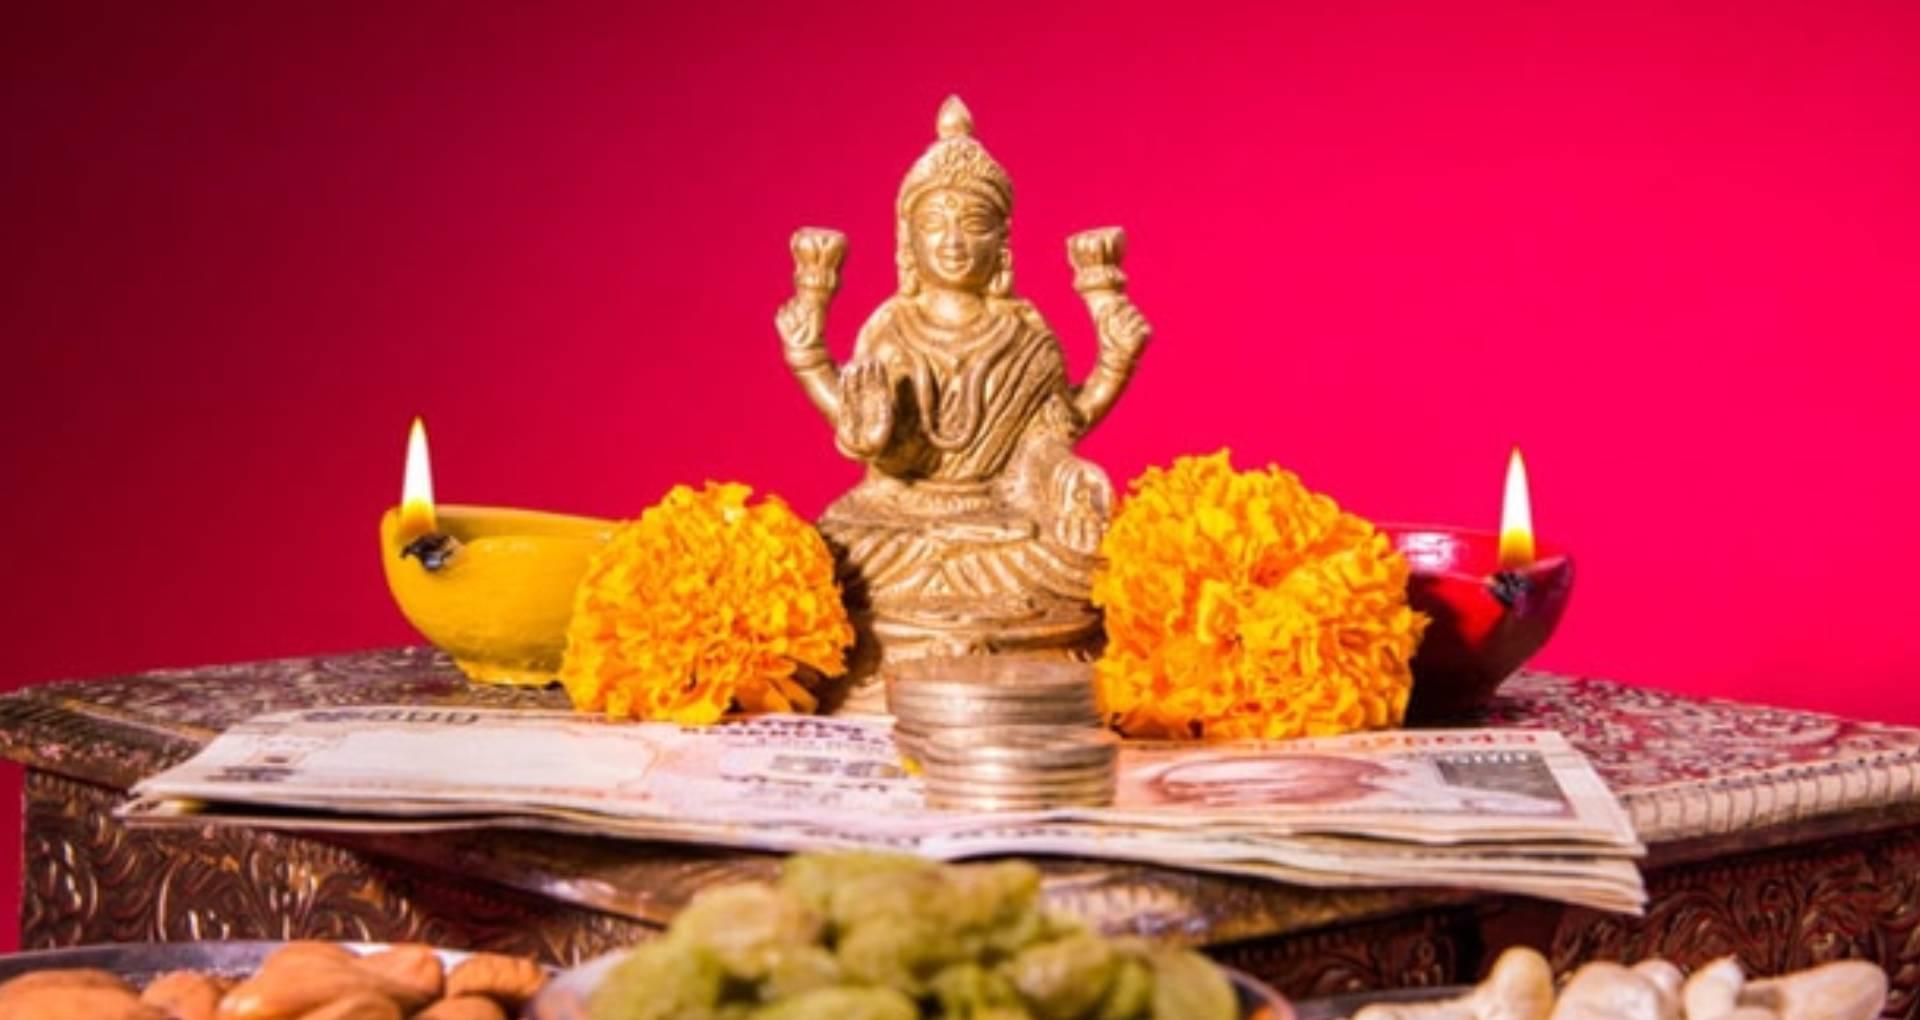 Dhanteras 2019 Shubh Muhurt: मां लक्ष्मी और कुबेर की पूजा करने का ये है सही समय, इस वक्त खरीदें ये चीजें